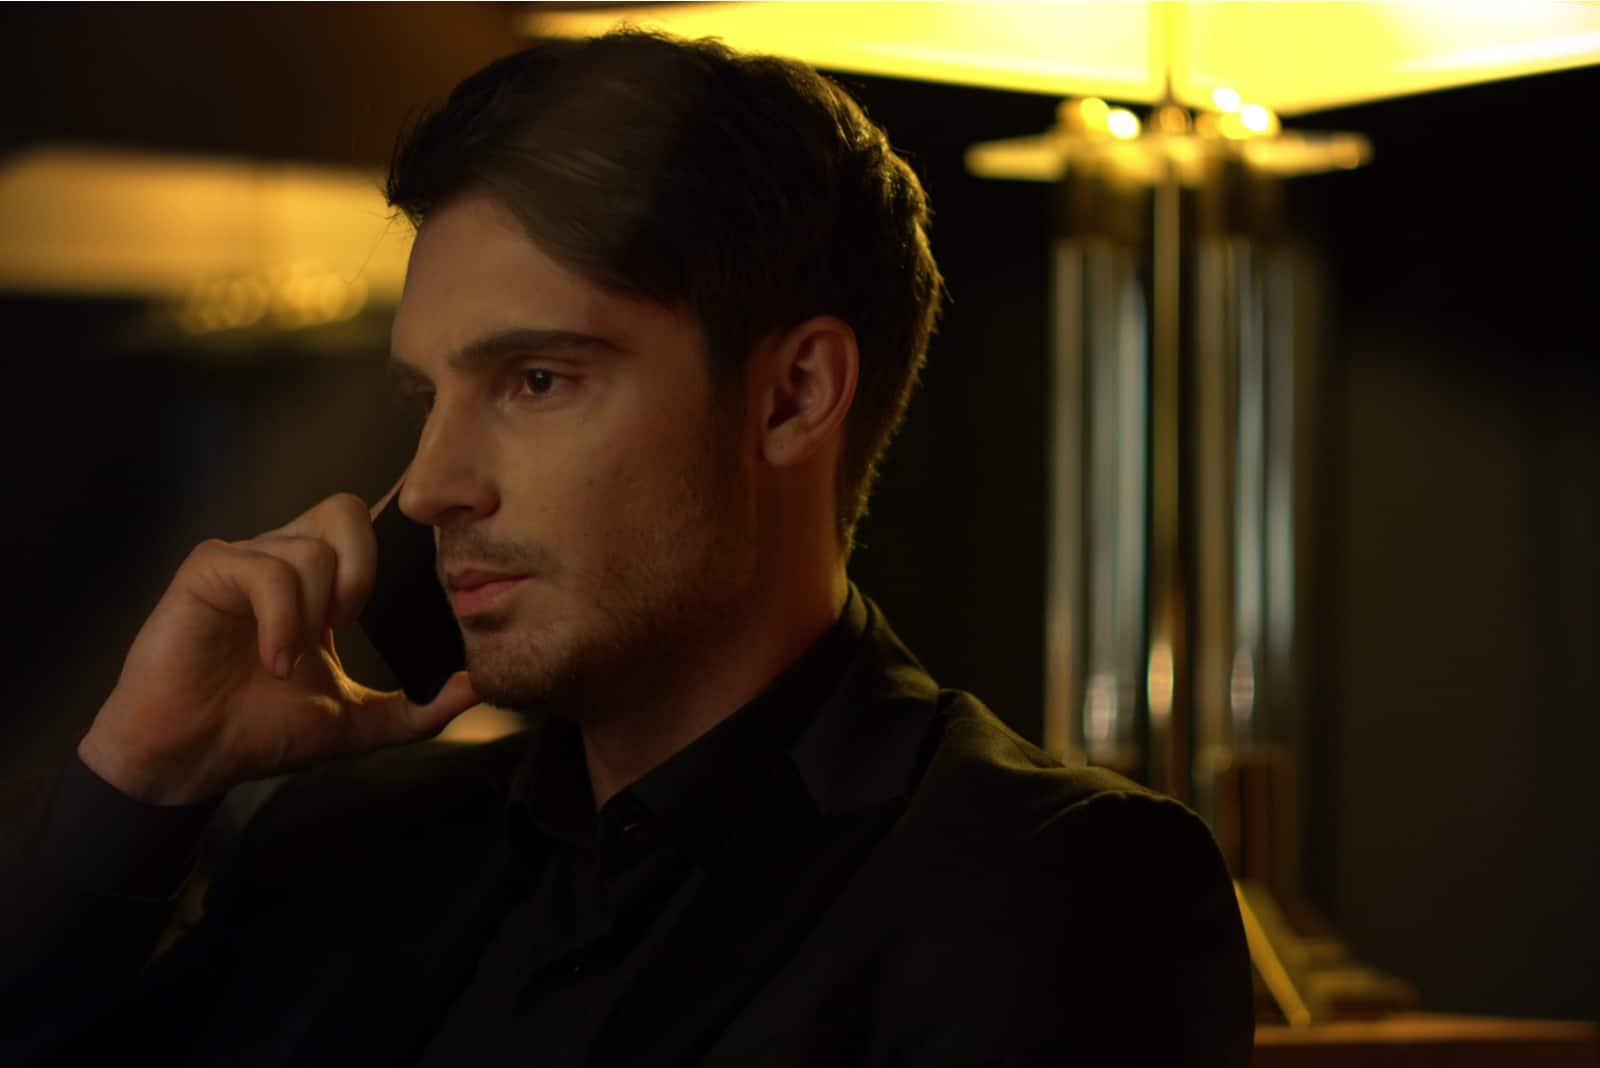 gutaussehender Mann, der an seinem Telefon spricht